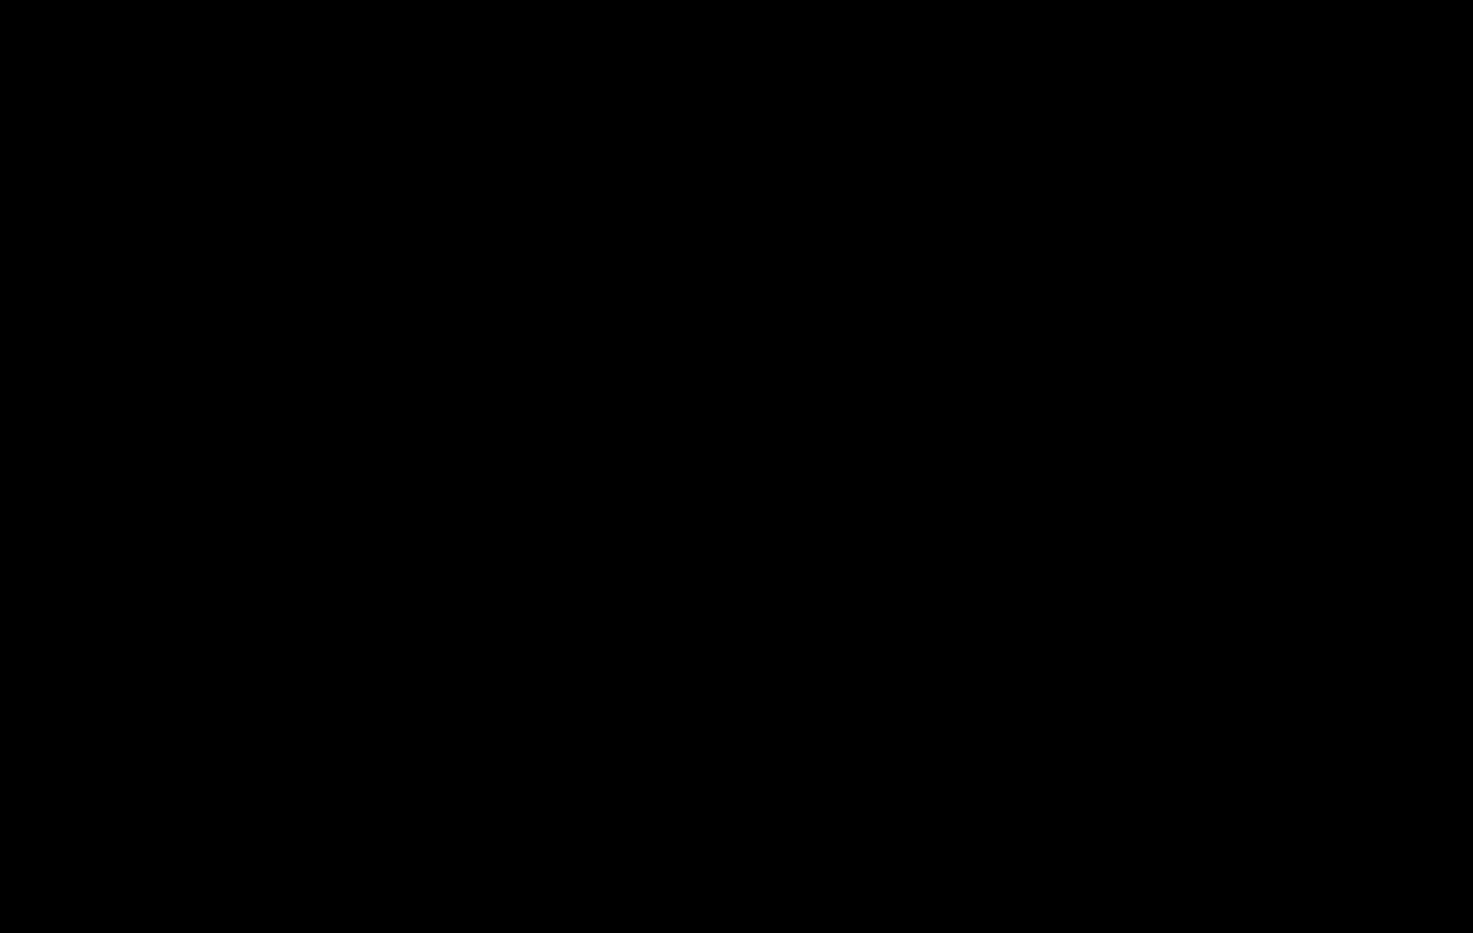 nero 580